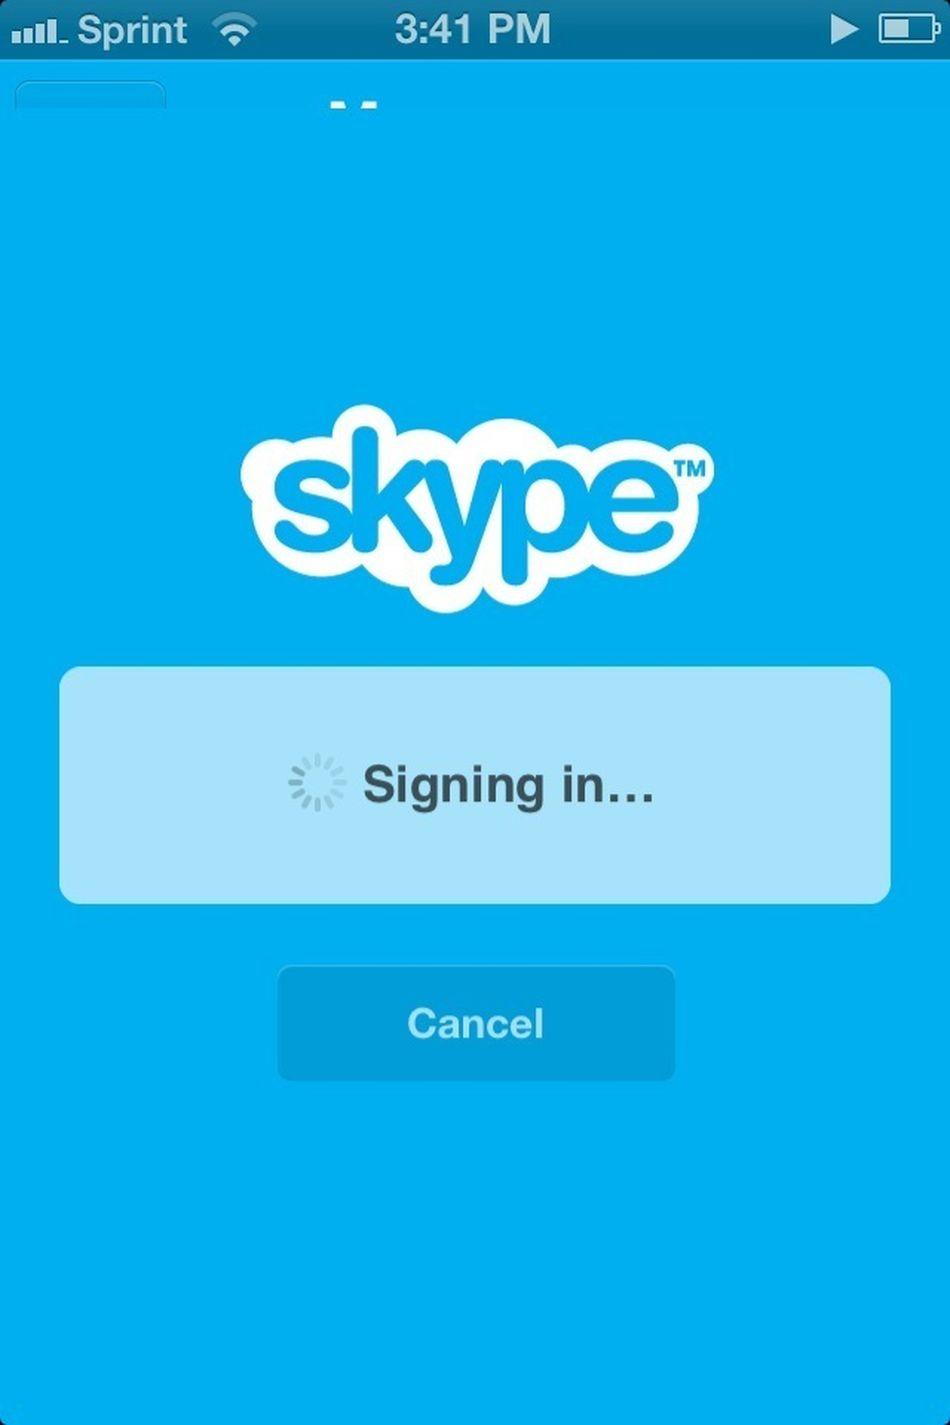 #skype Anyone ?